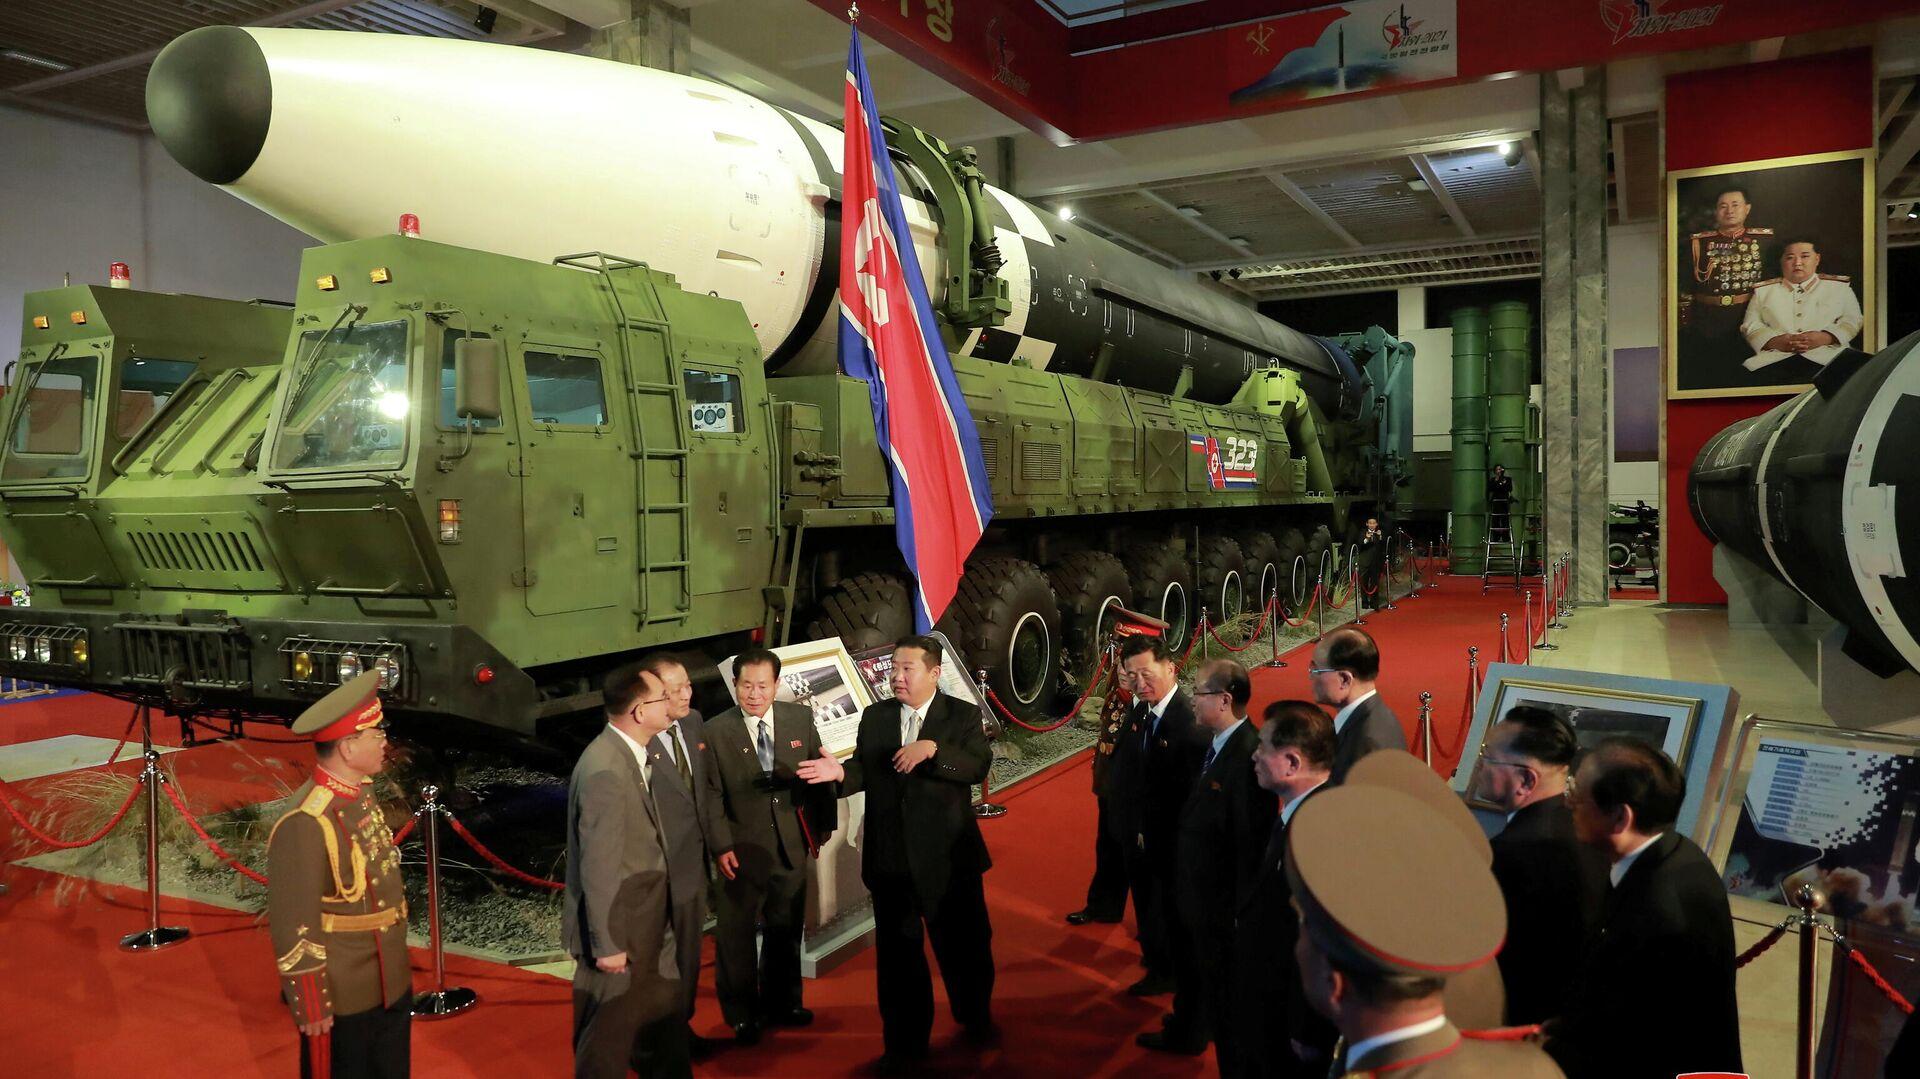 Лидер КНДР Ким Чен Ын на оборонной выставке в Пхеньяне - РИА Новости, 1920, 12.10.2021